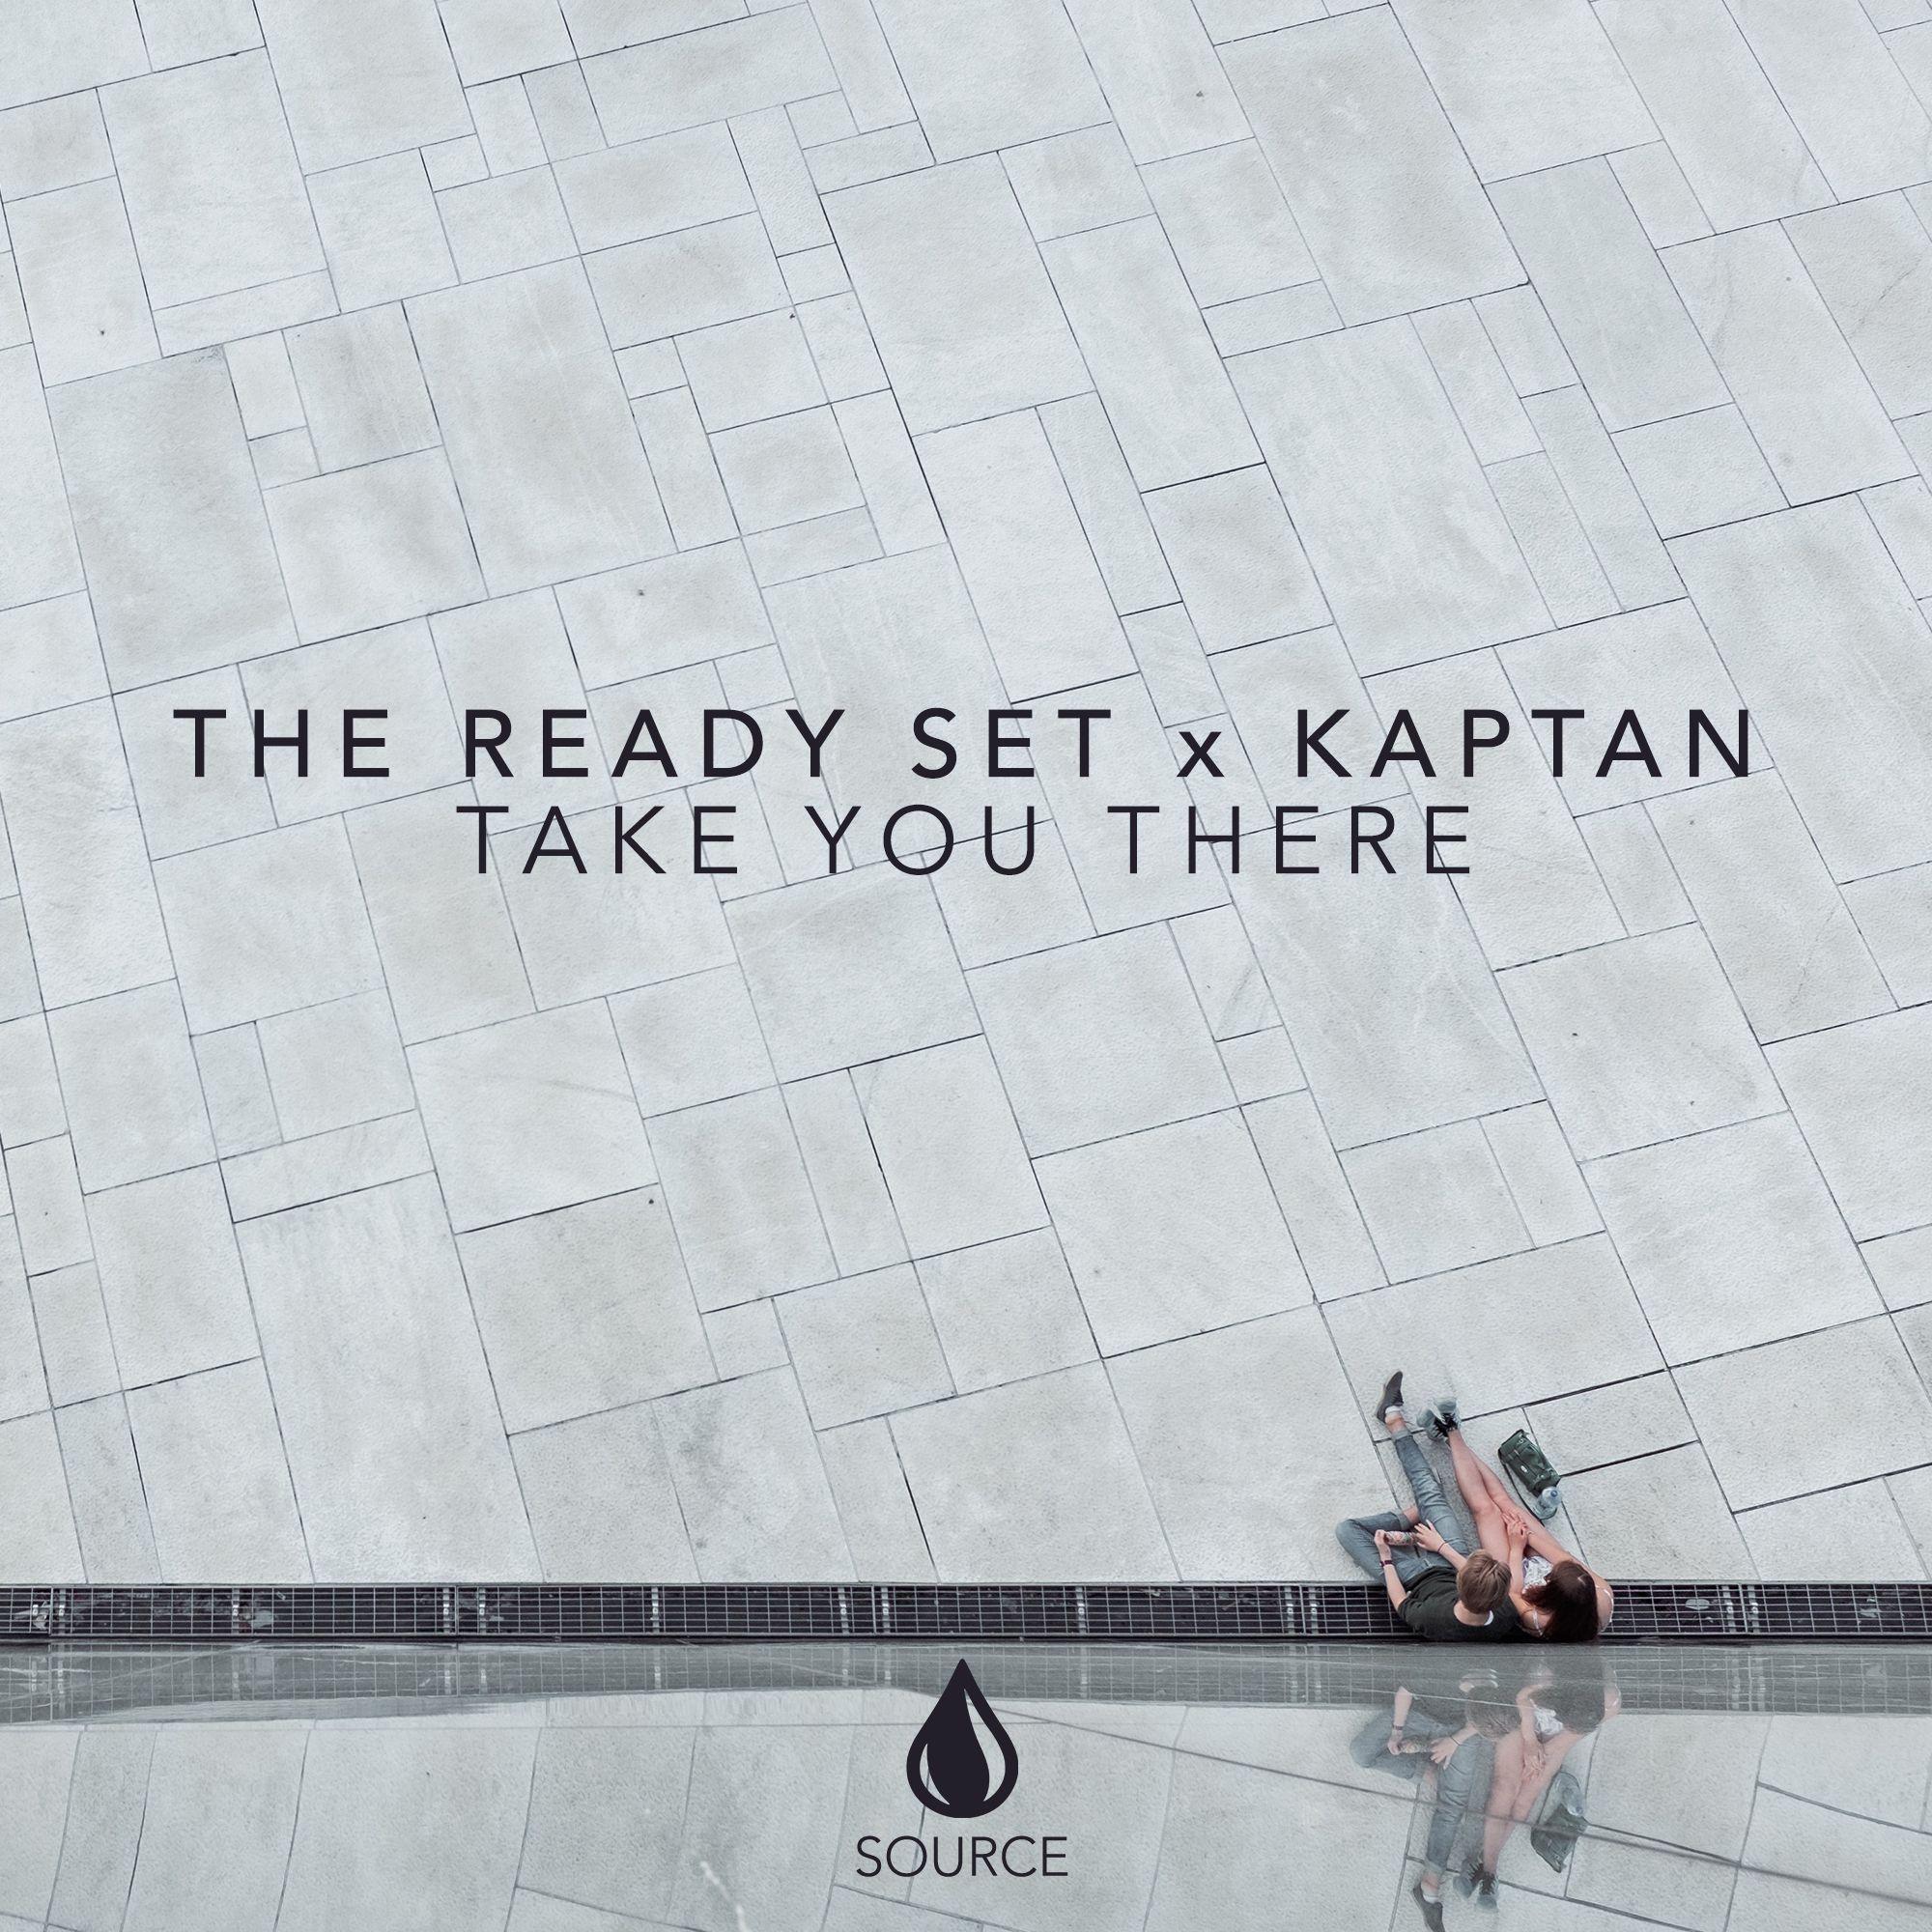 source_the_ready_set_x_kaptan_-_take_you_there.jpg